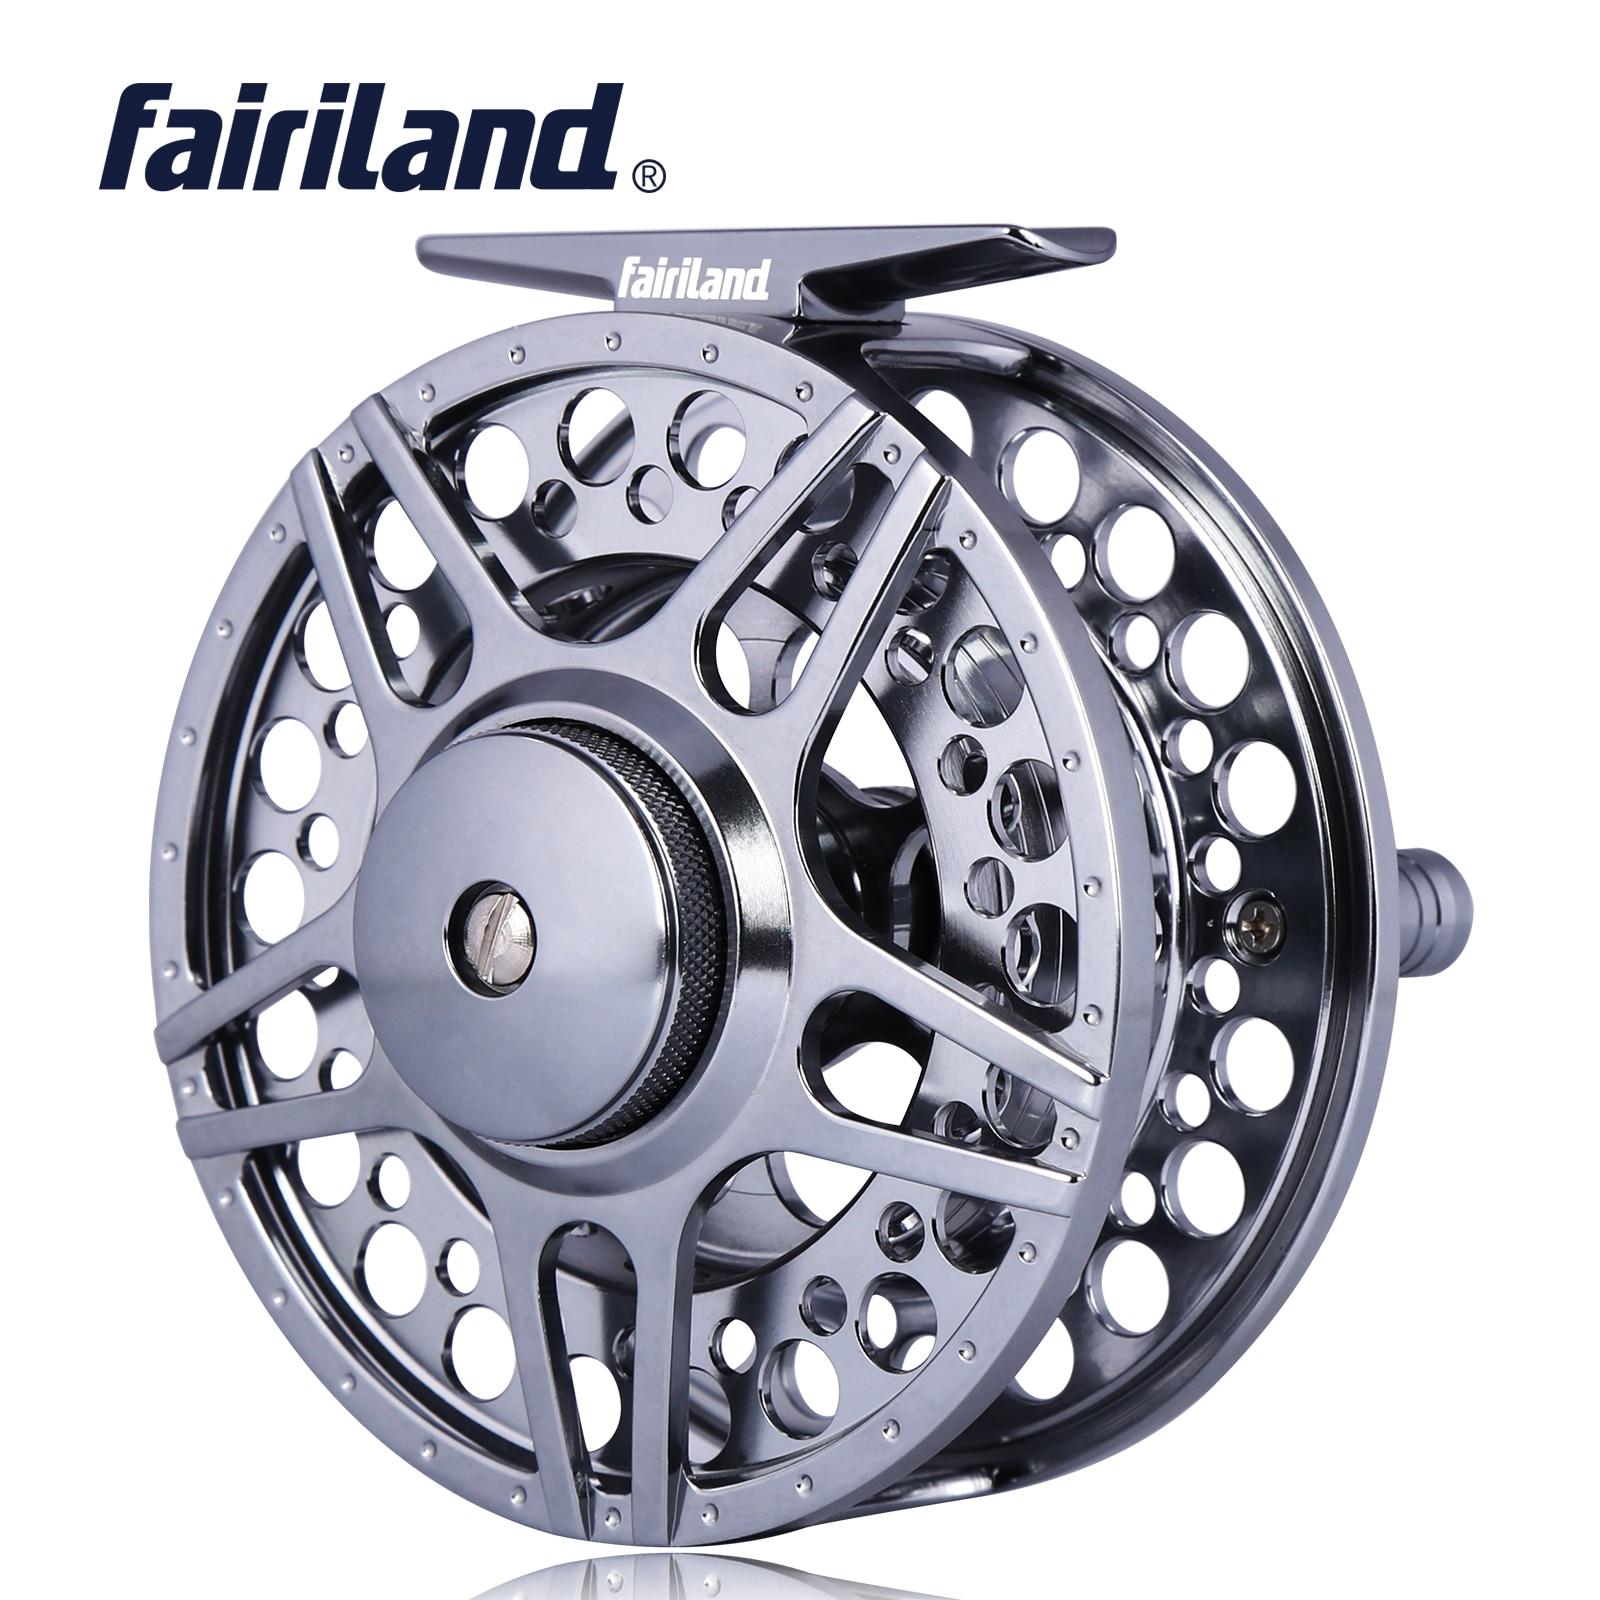 Fairiland Fly Fishing Freshwater/Saltwater Reel 1